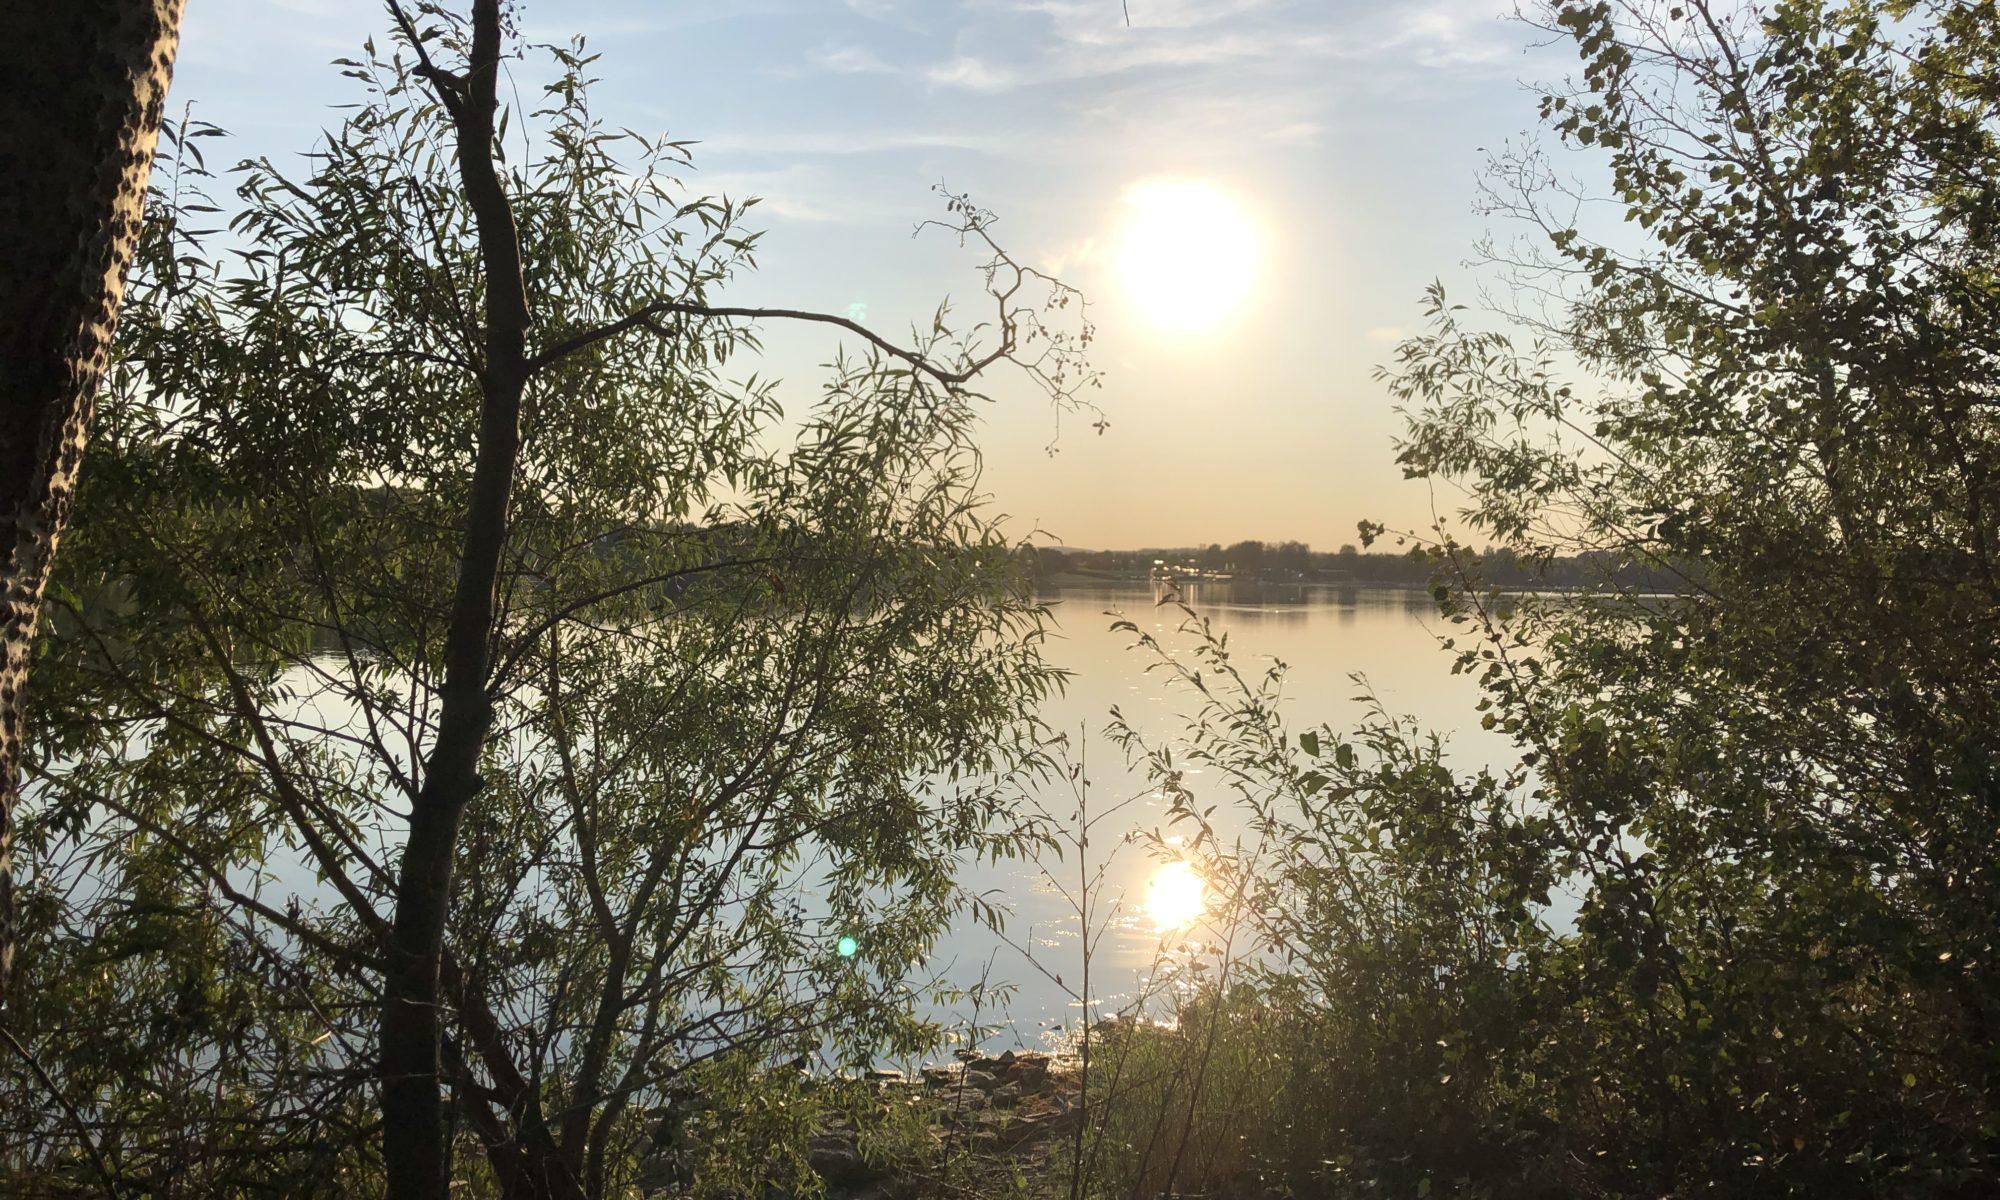 Die Sonne strahlt auf einen See